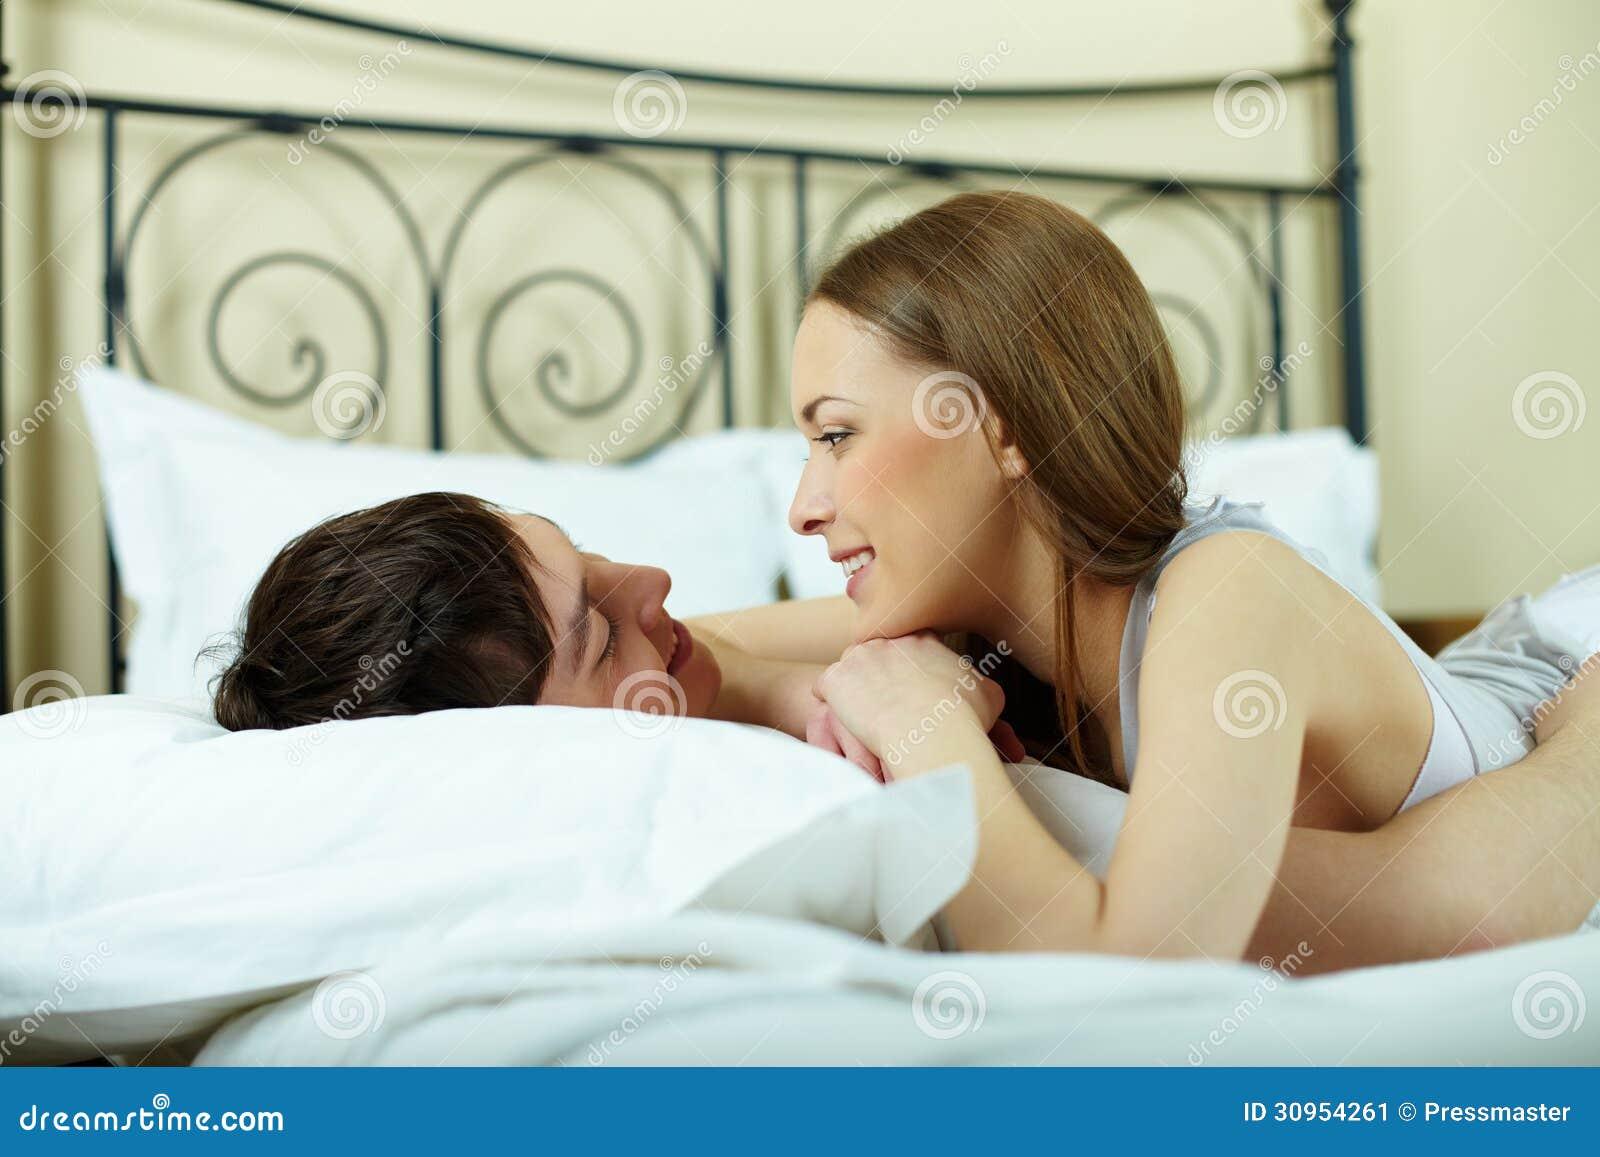 Секс в постеле домашний, Муж и жена в постели снимают домашнее порно 22 фотография